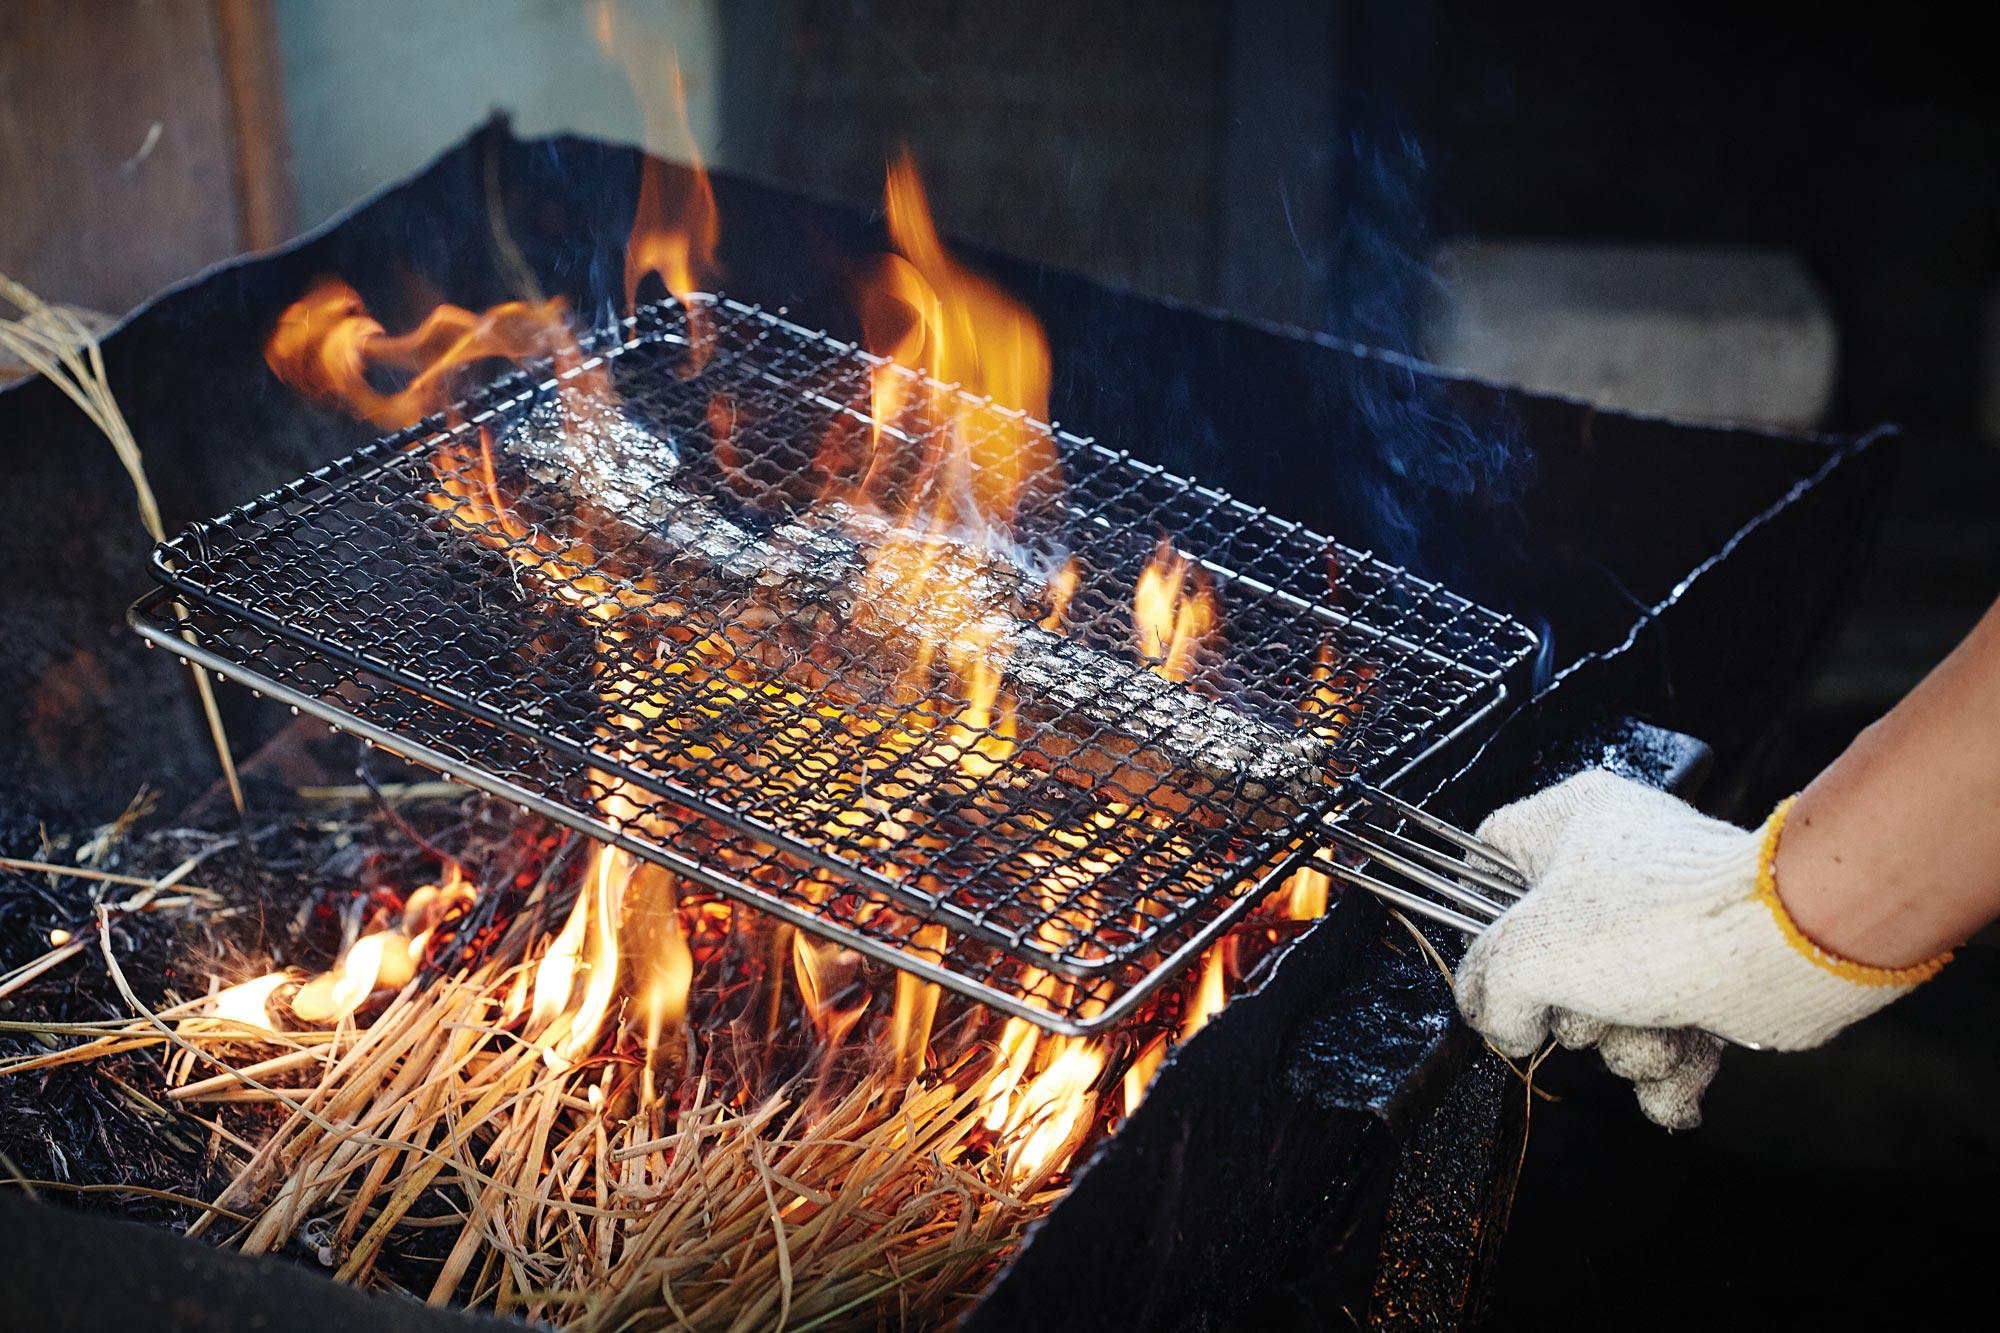 무돌주막의 짚불구이. 고기가 도톰한 것이 특징이다. ©김재욱